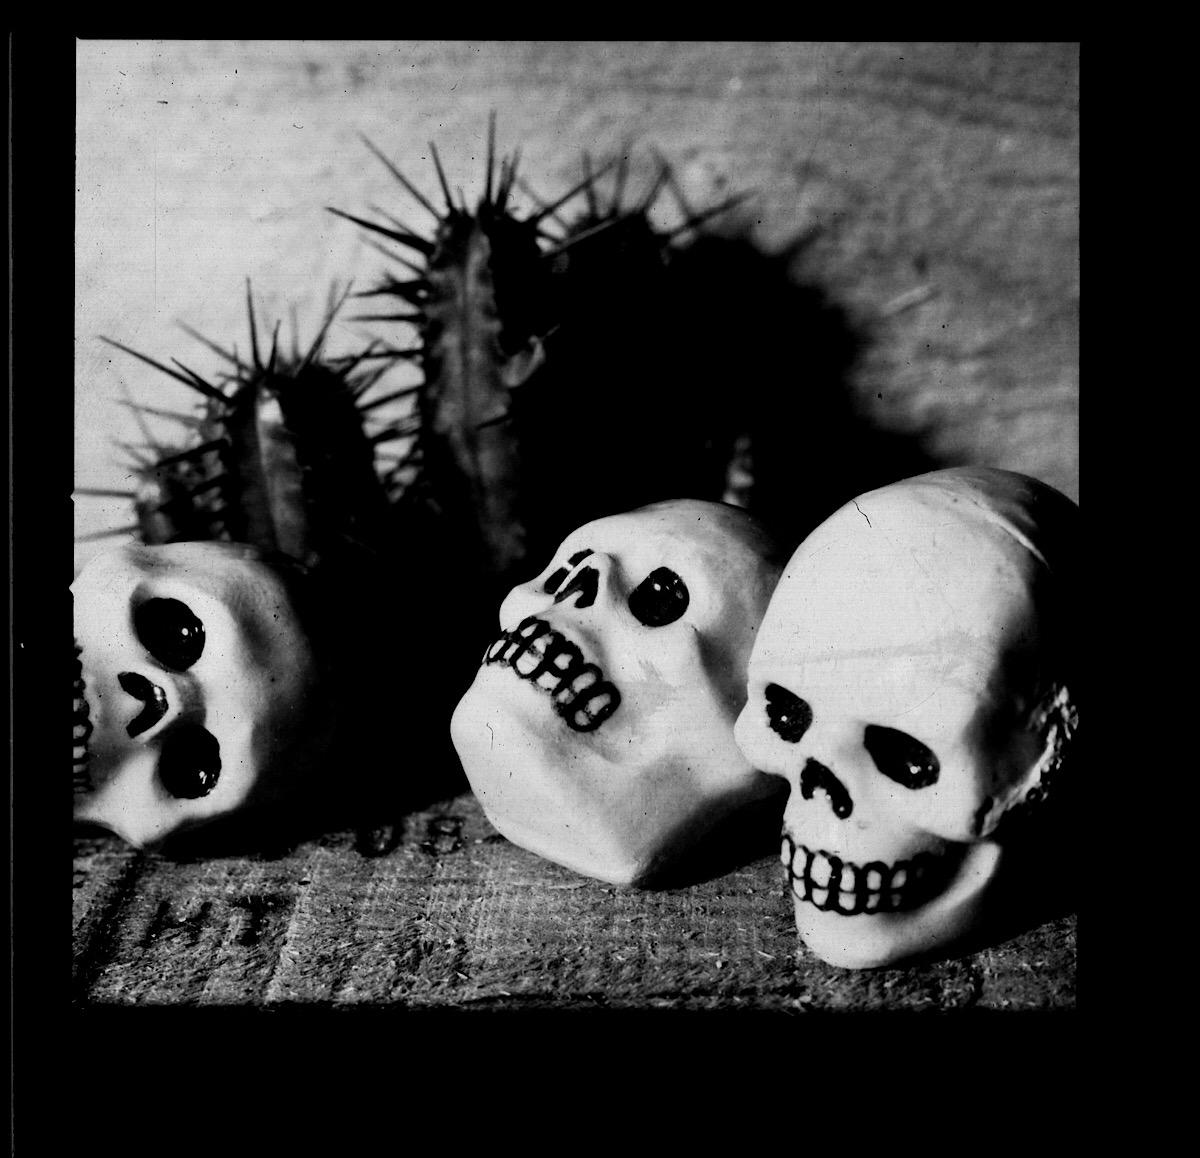 Ceramic skulls and miniature cactus on paper negative.